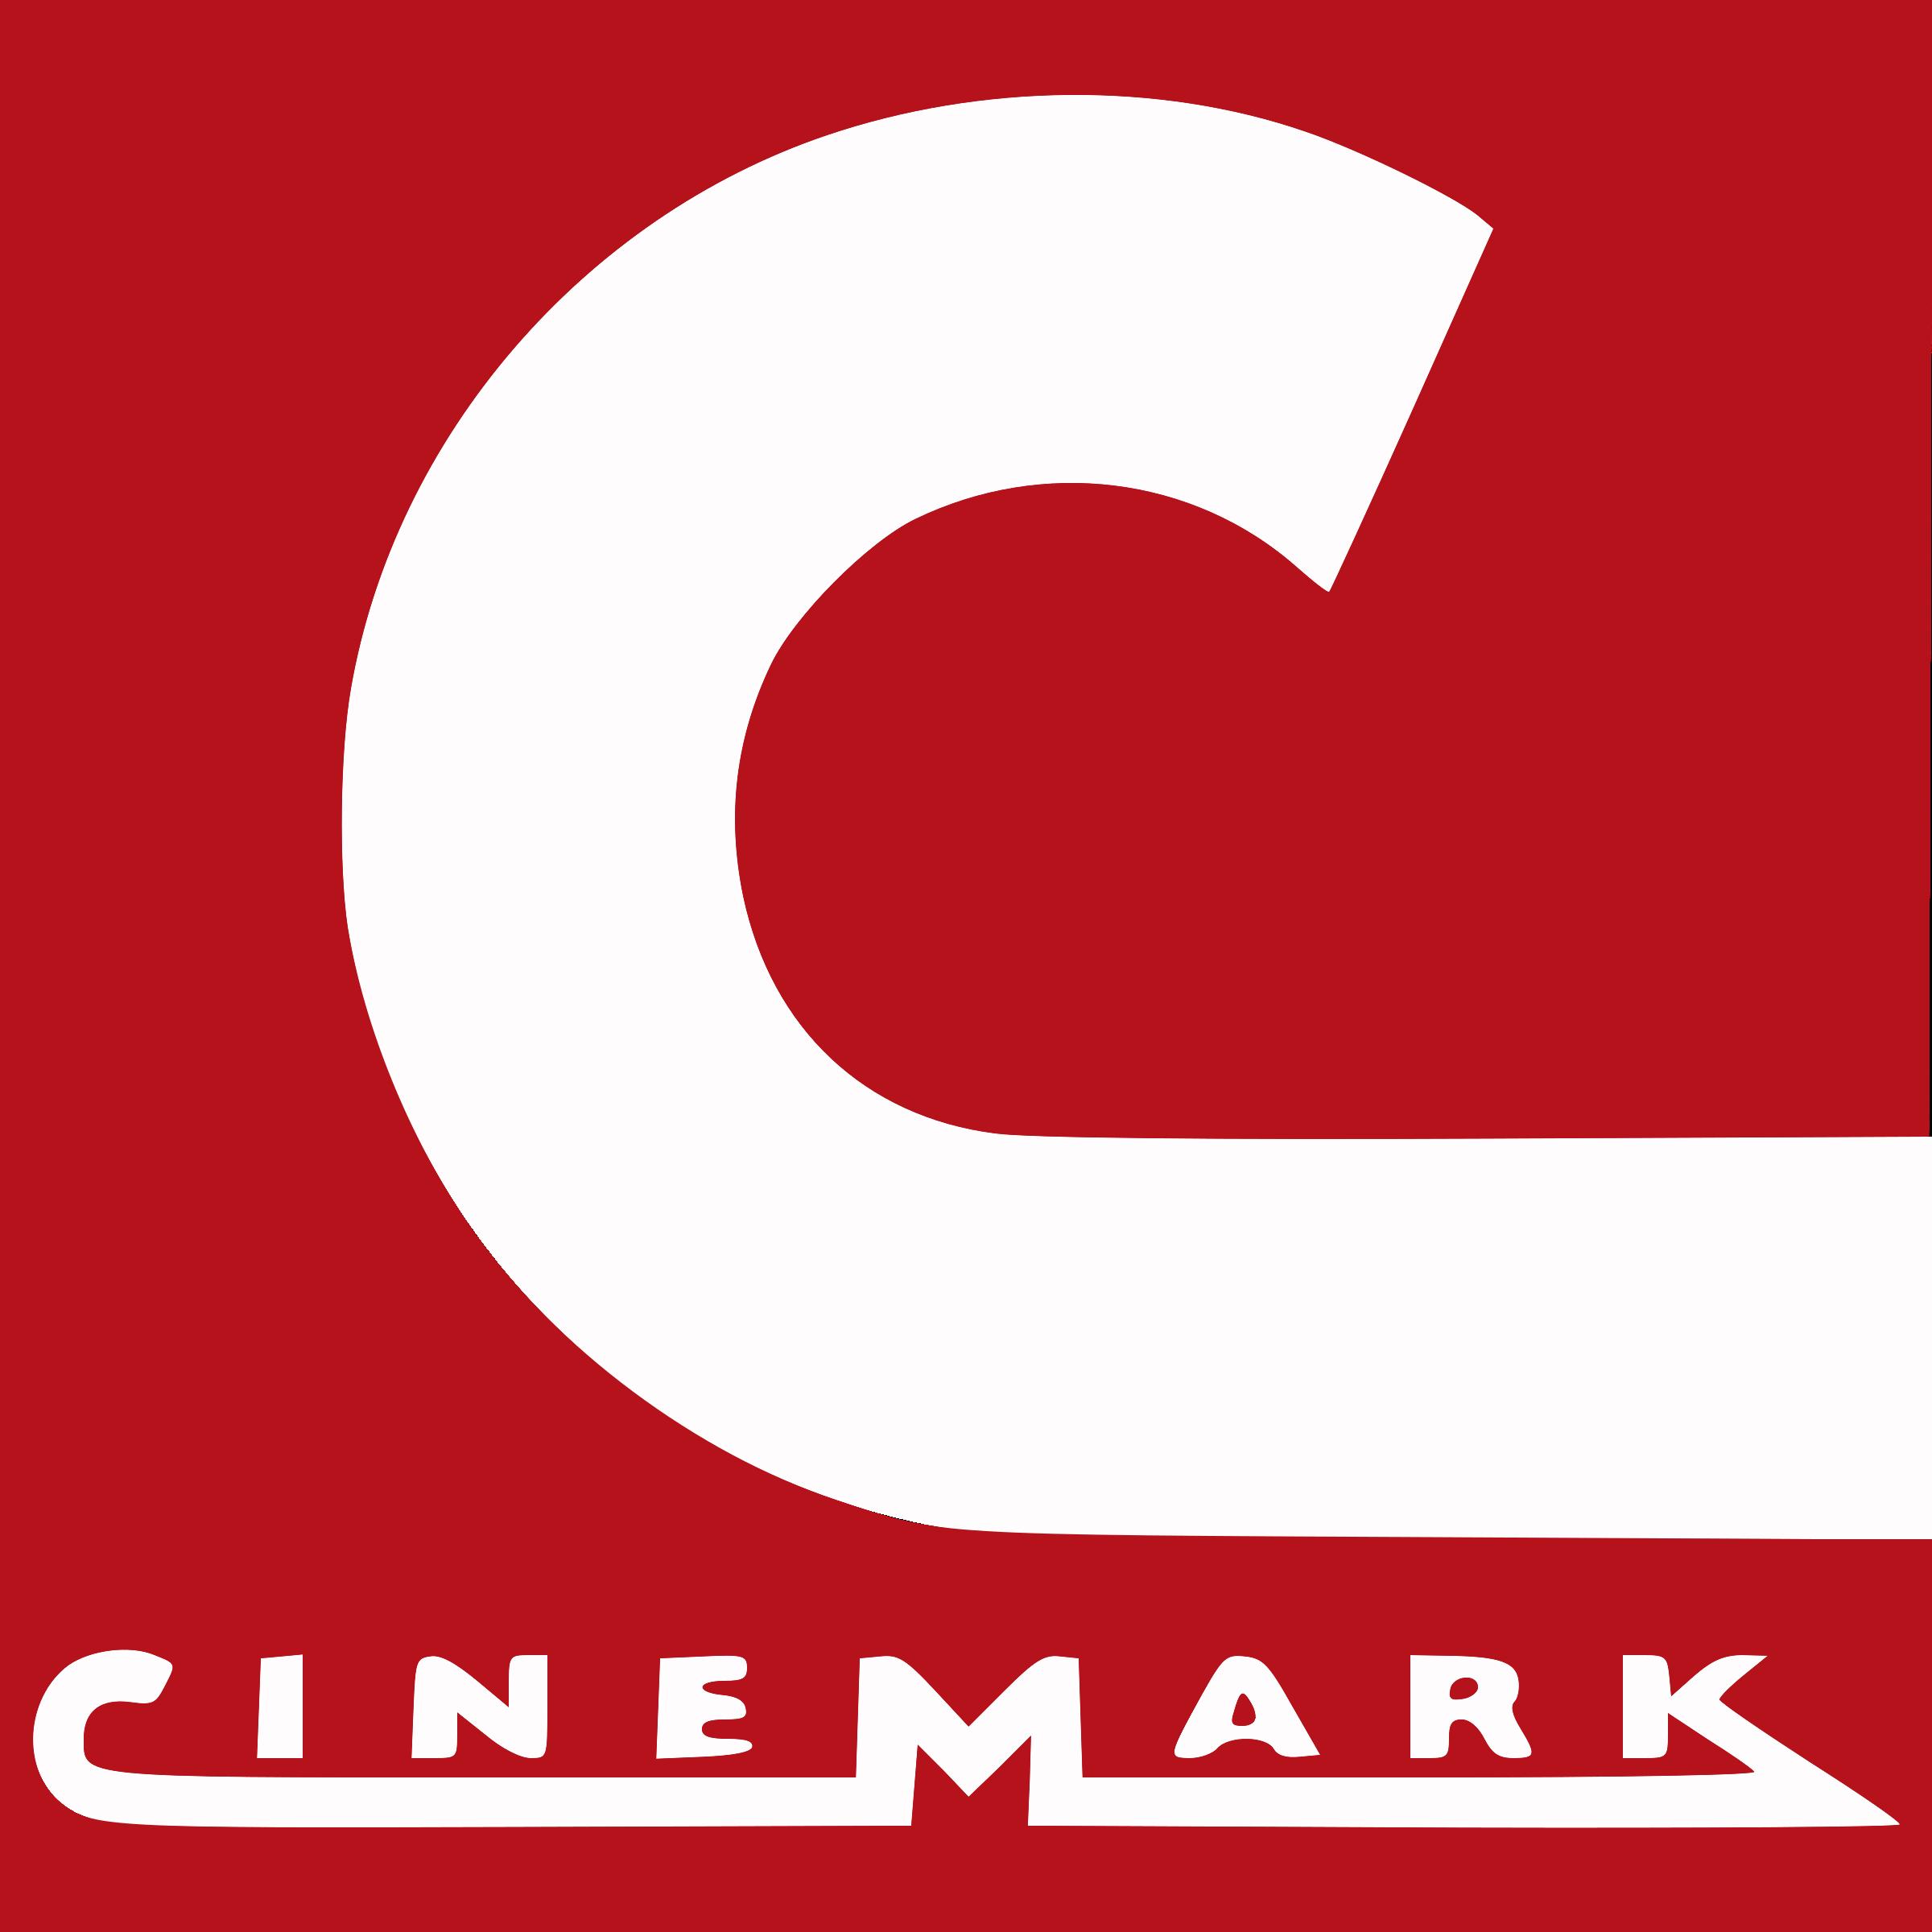 Cinemark Logo PNG Transparent